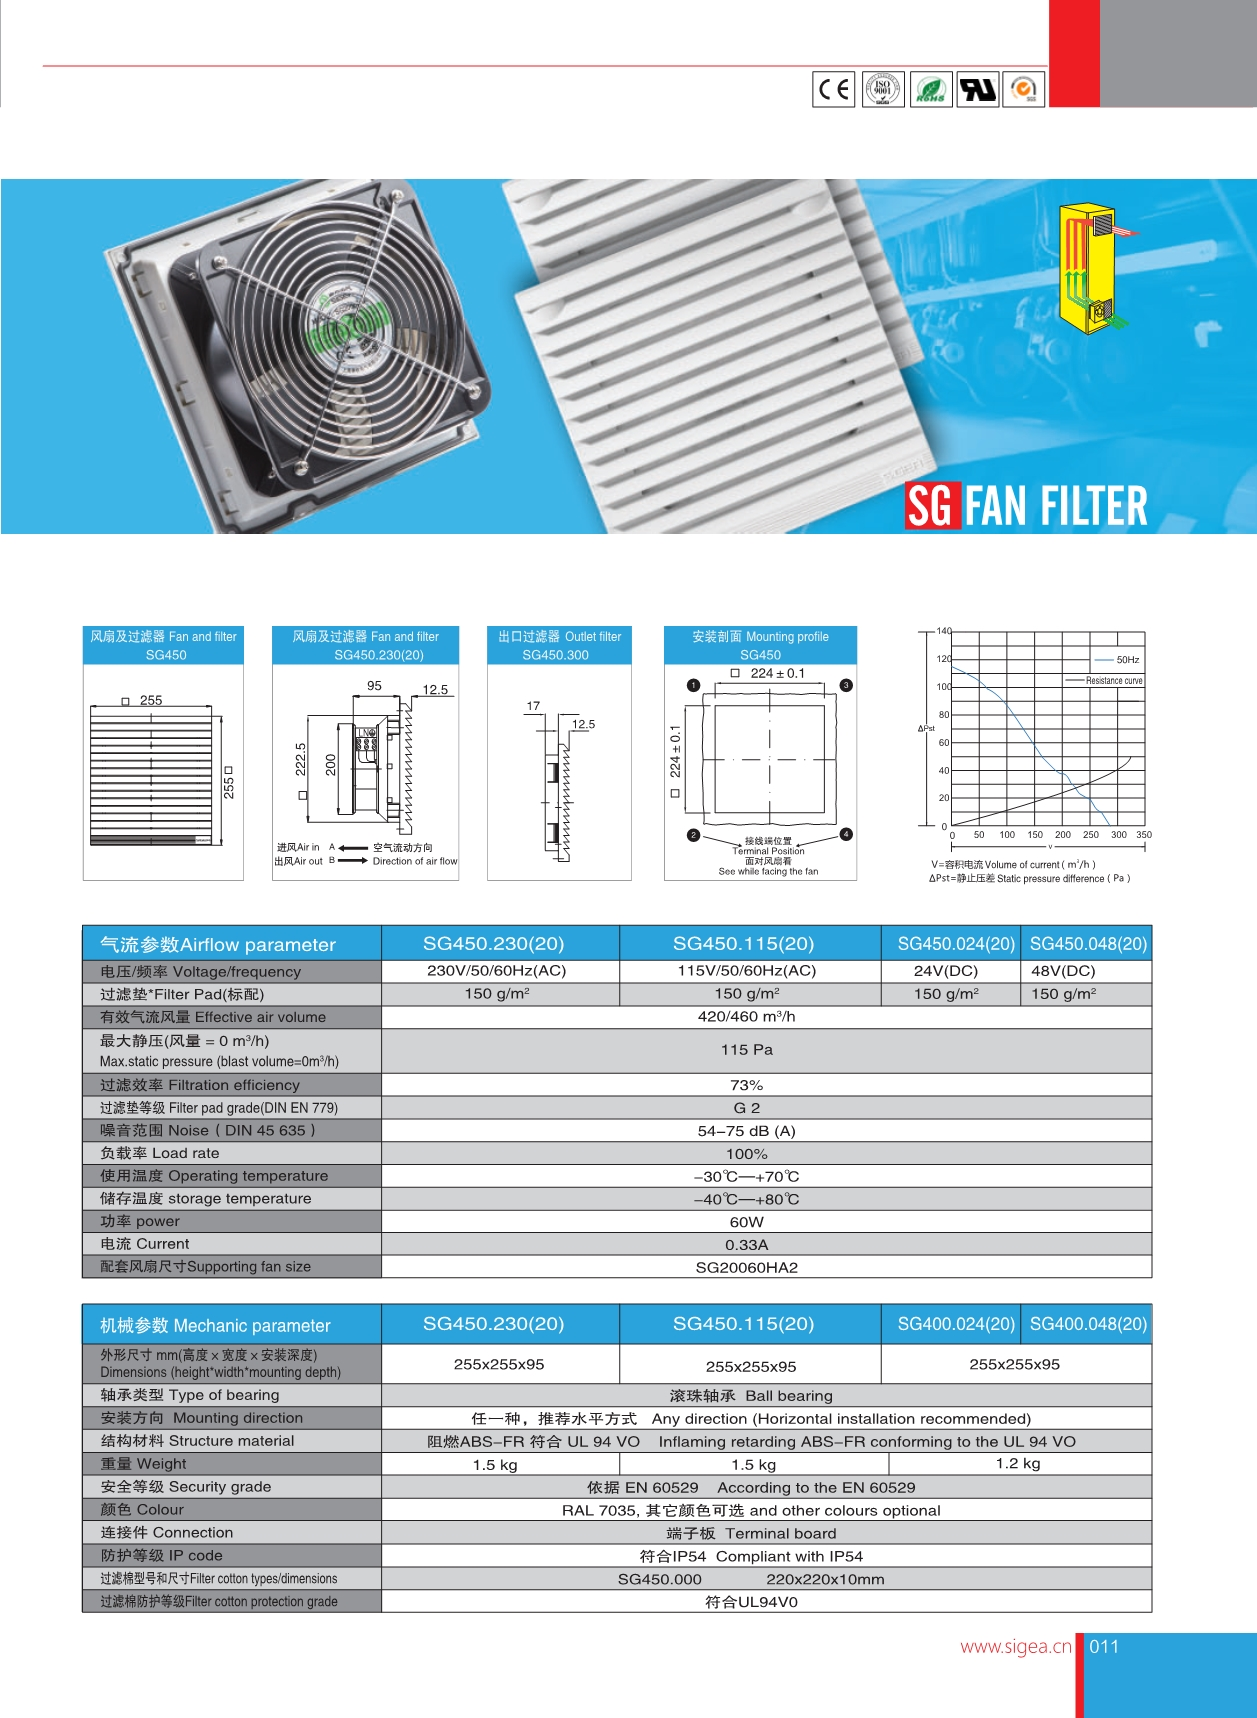 SG系列风扇过滤器